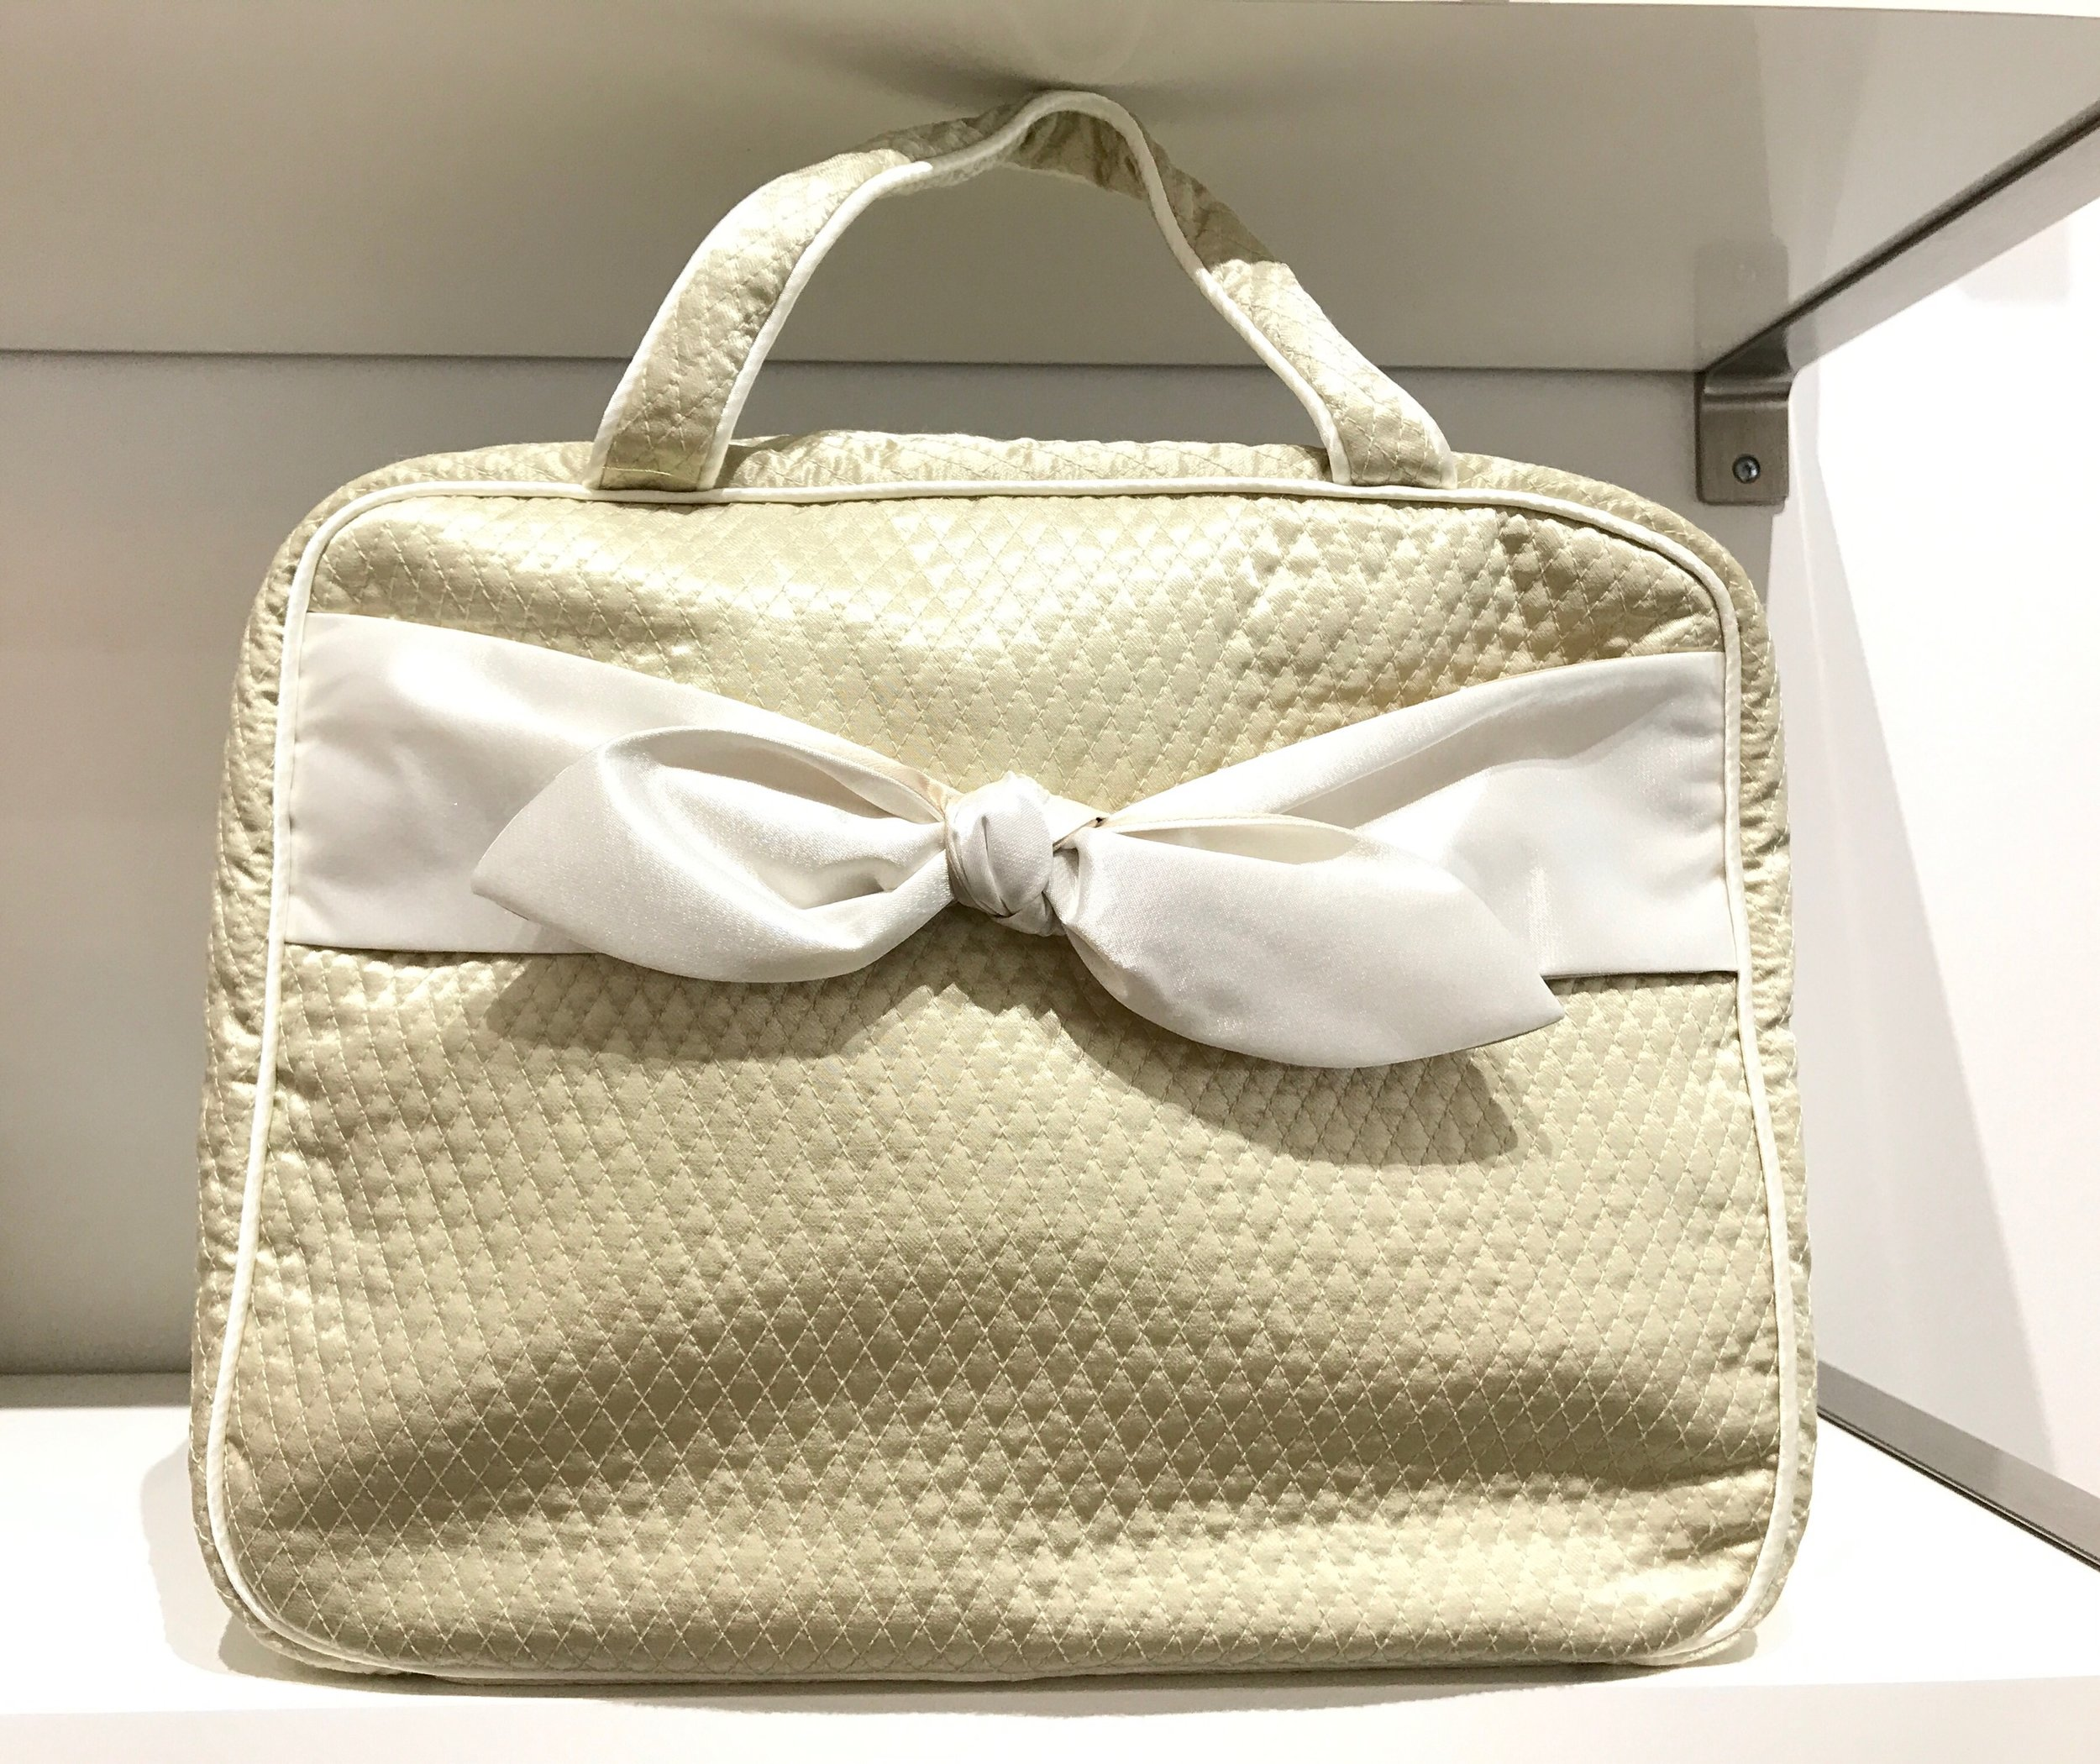 Pink Stripes Large Travel Bag $92